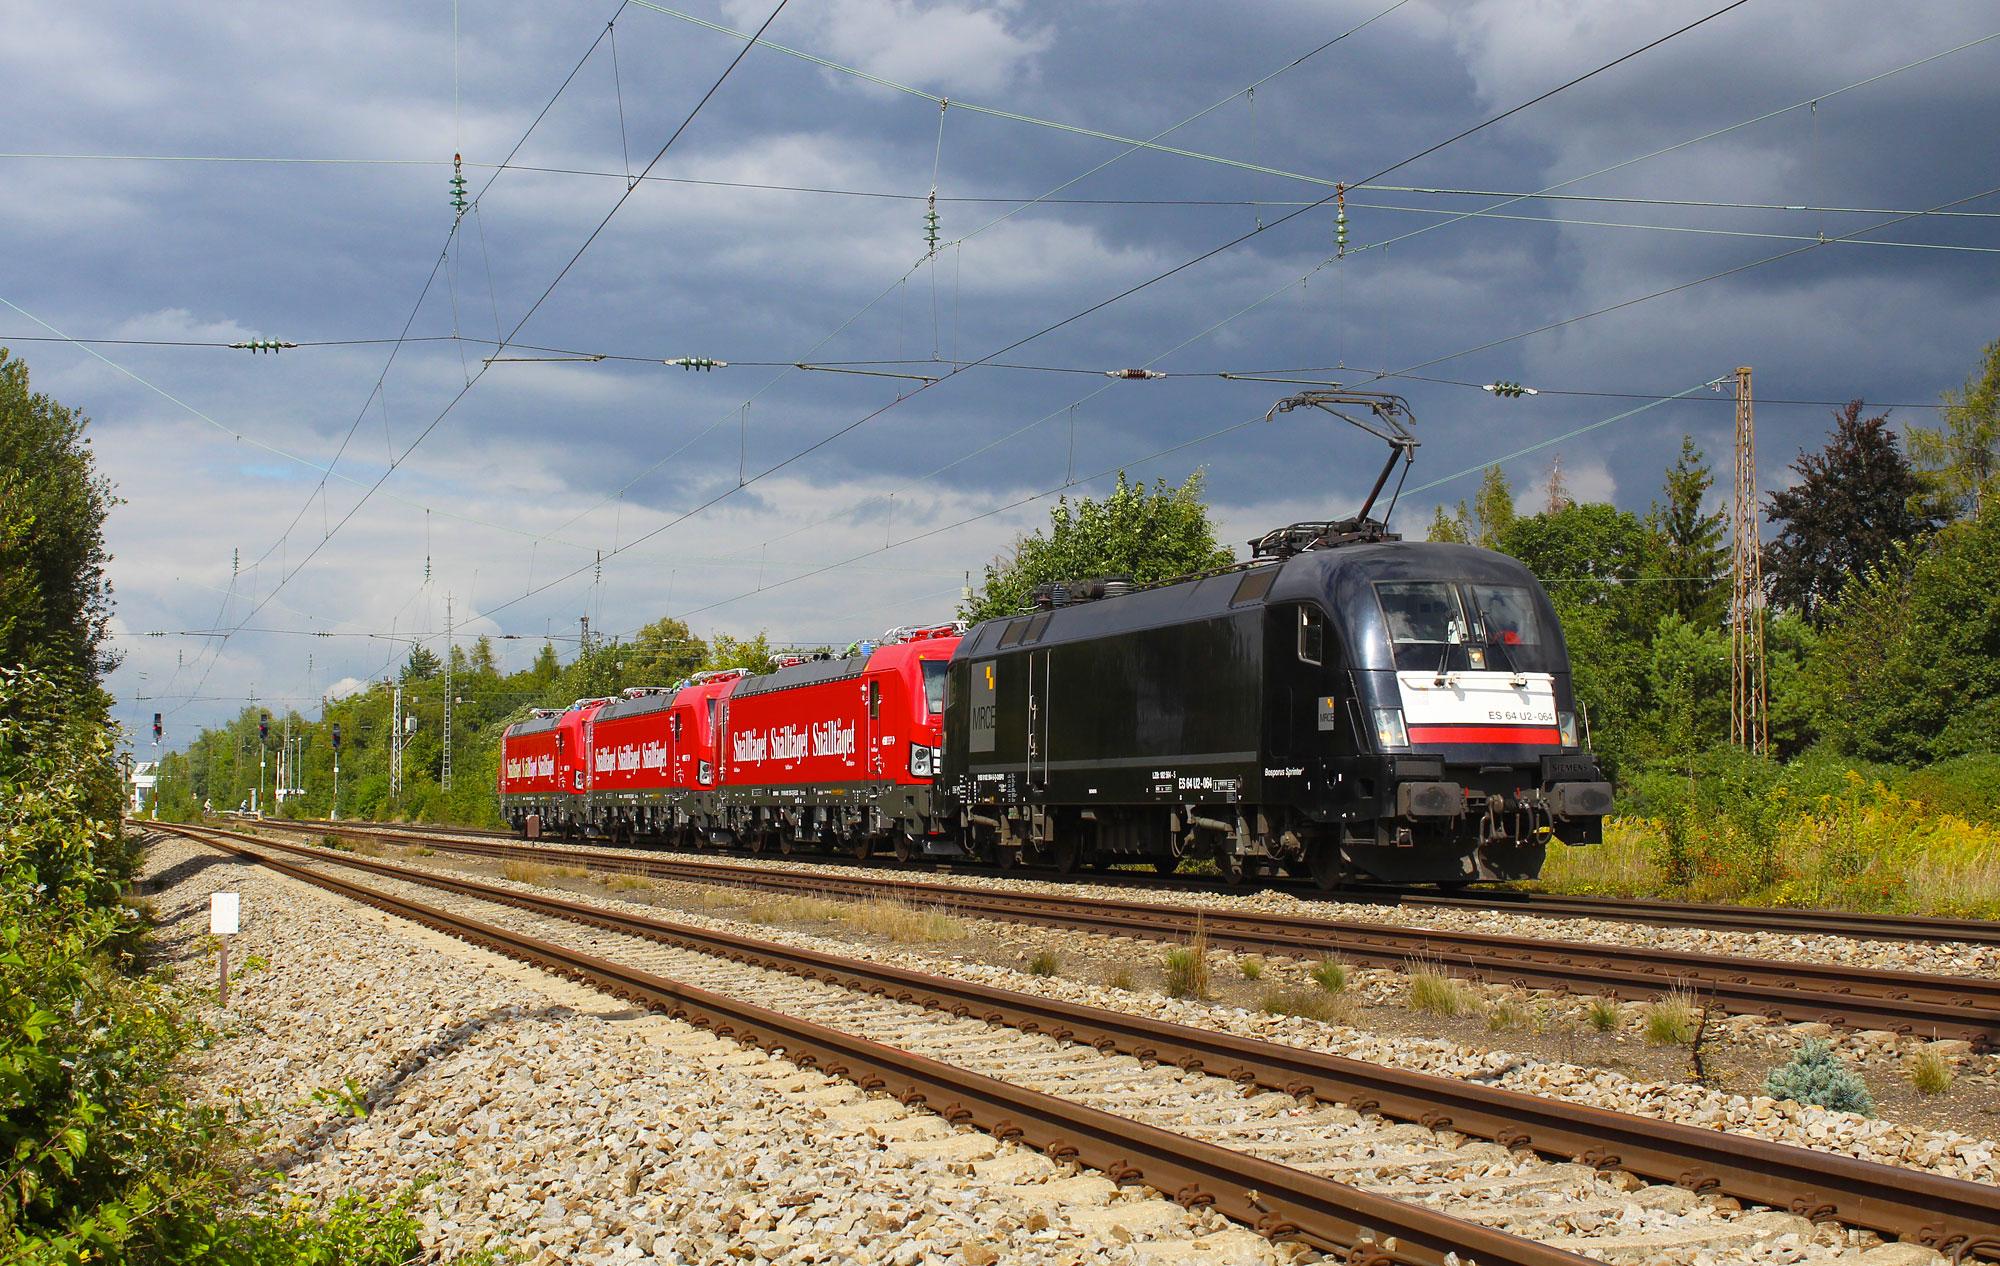 ELL 193 253, 254 and 255 on their way to Salzburg to touch Austrian ground, 05.09.2016 - Michael Raucheisen